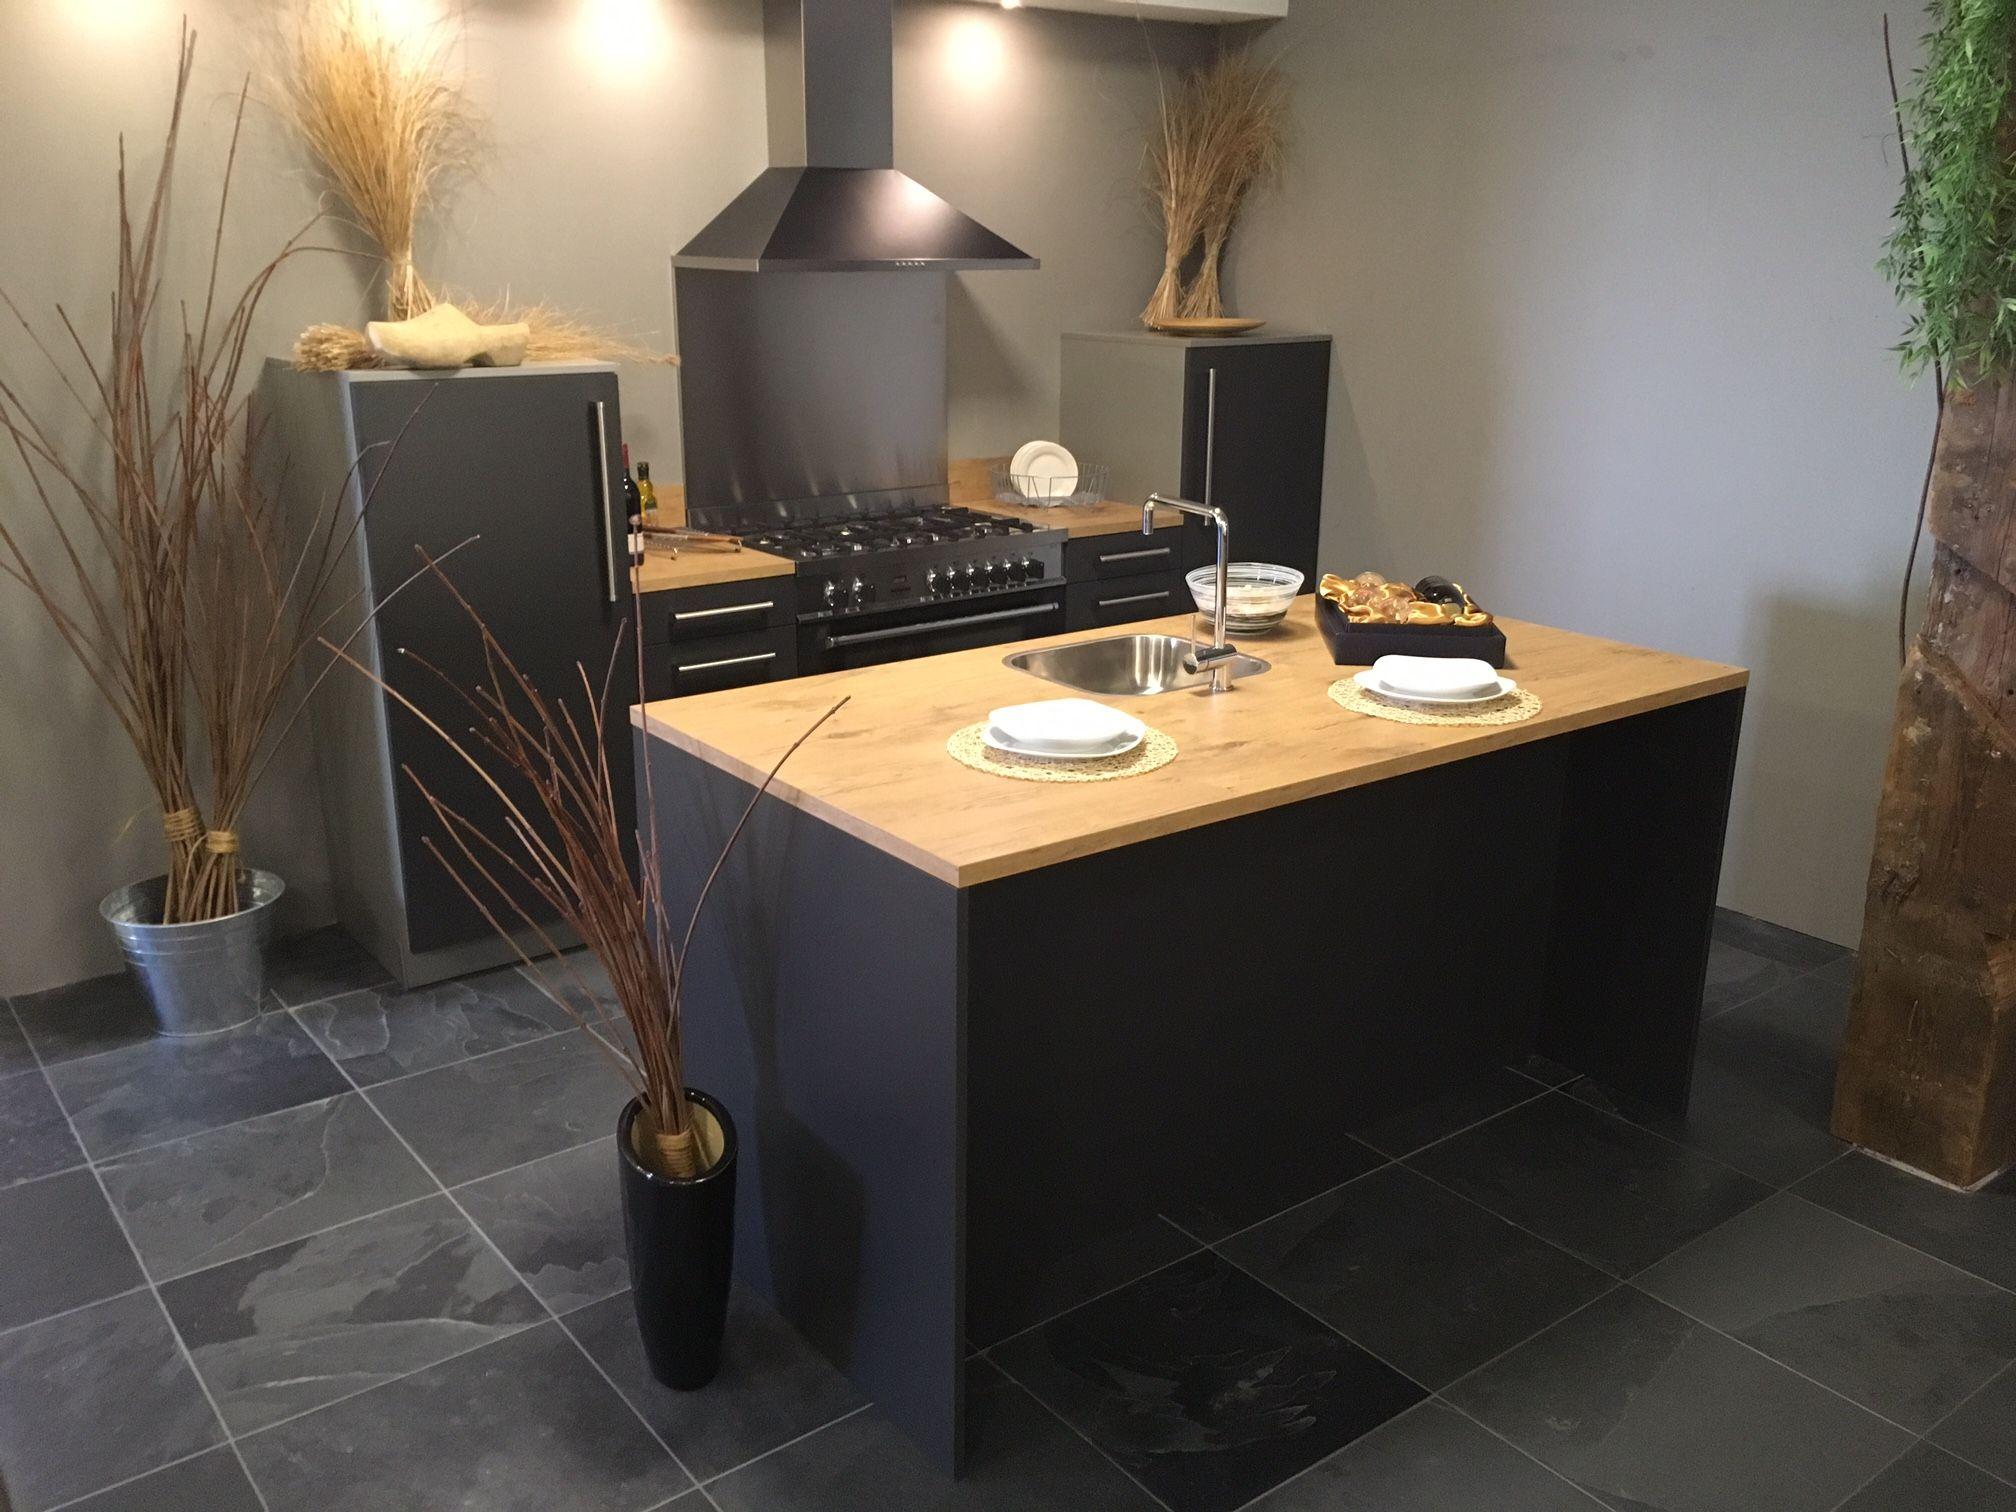 Showroomuitverkoop.nl   Eiland keuken modern grijs [54120]